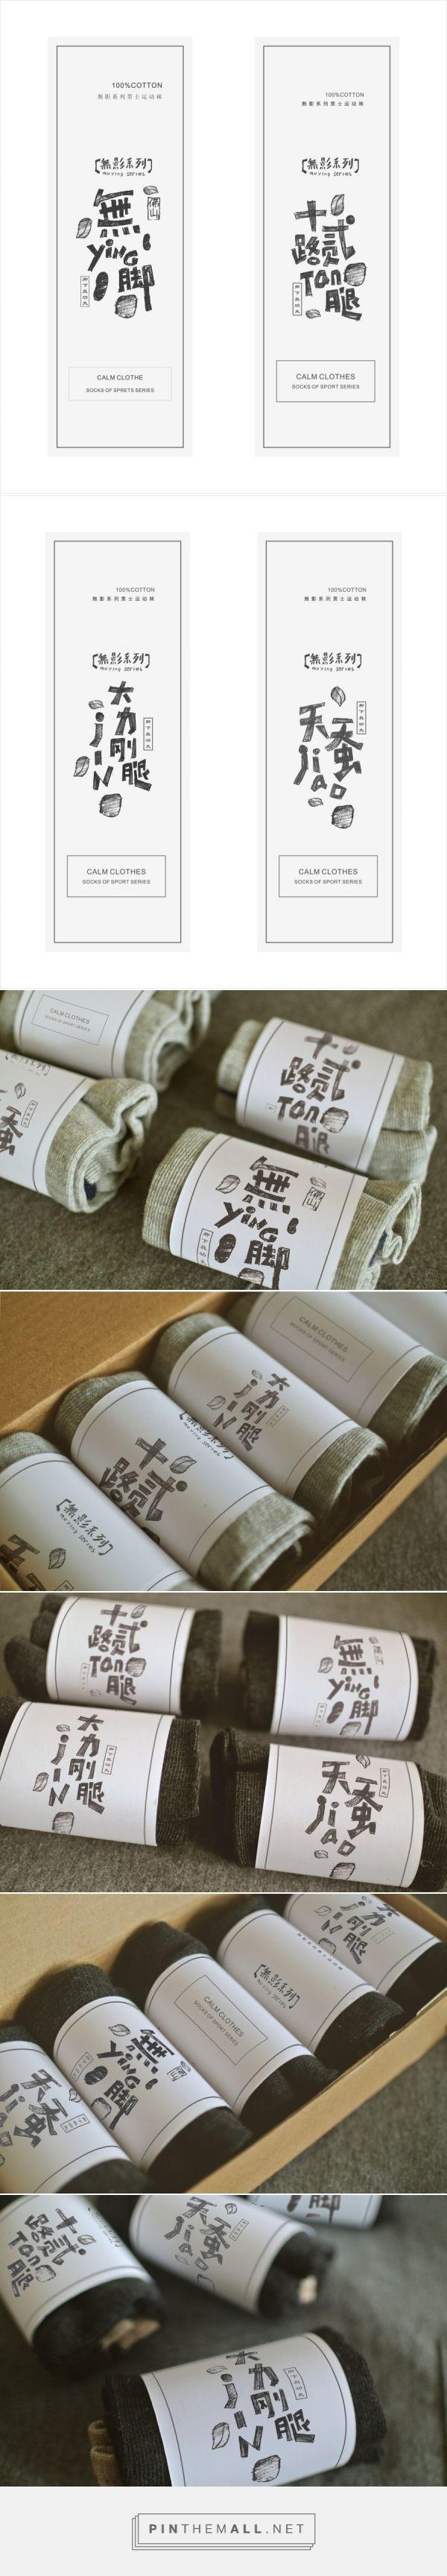 男士运动袜腰封设计 包装 平面 miaozd - 原创设计作品 - 站酷 (ZCOOL) - created via http://pinthemall.net